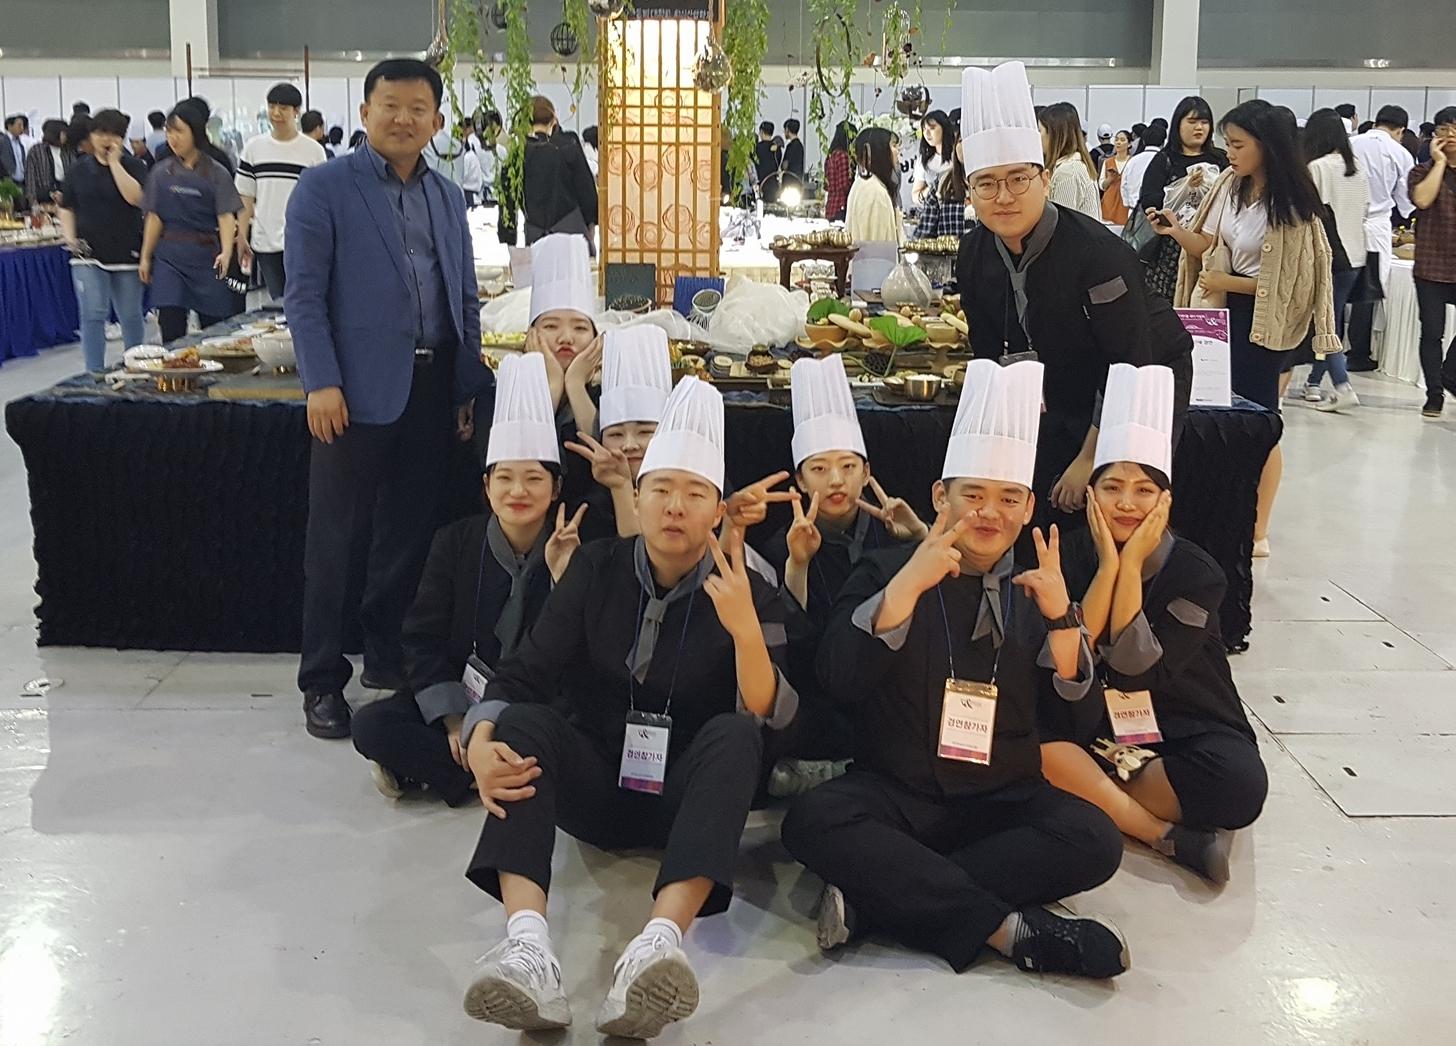 외식산업학전공 학생팀, 전국 전시요리대회 대상